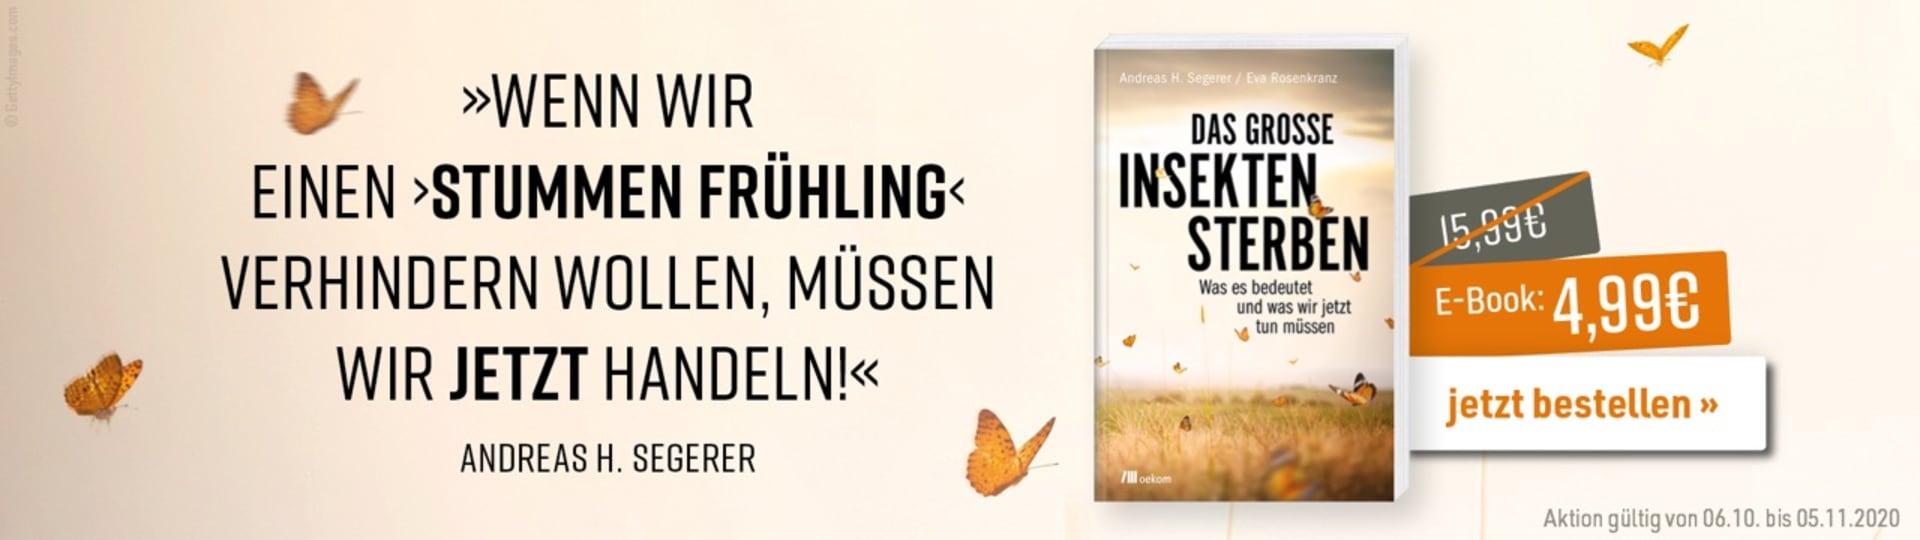 Werbebanner zur E-Book-Aktion zum Buch »Das große Insektensterben«